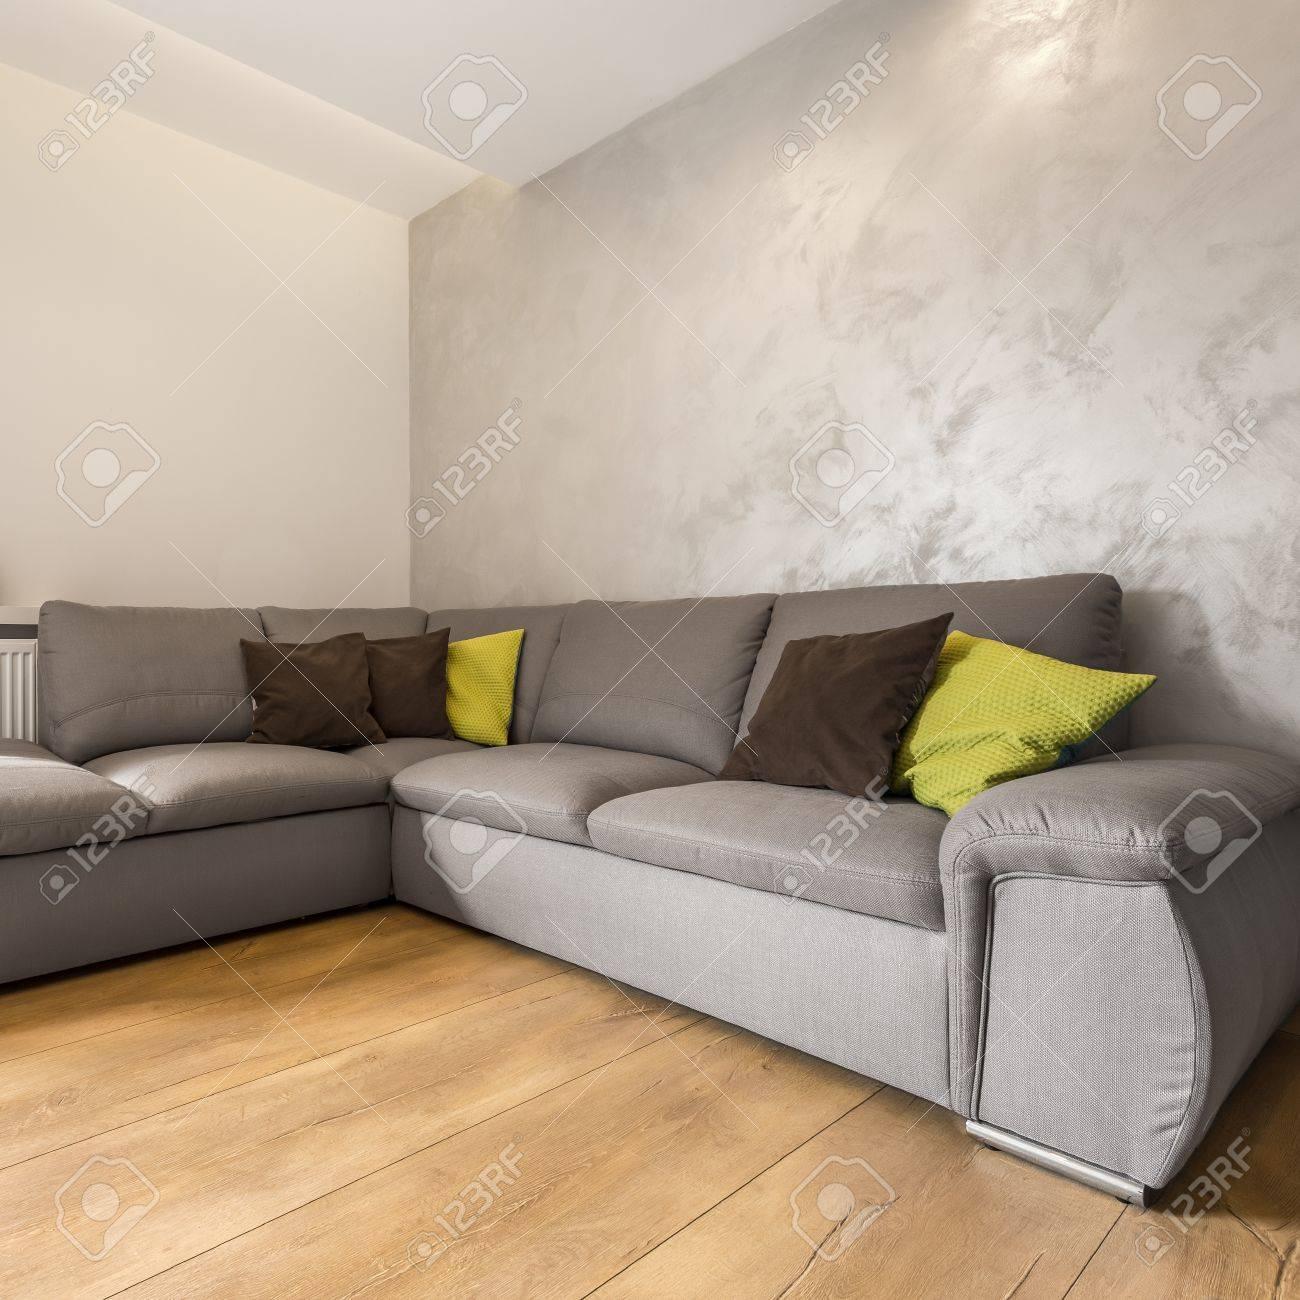 villa wohnzimmer mit extra großem sofa und dekorative